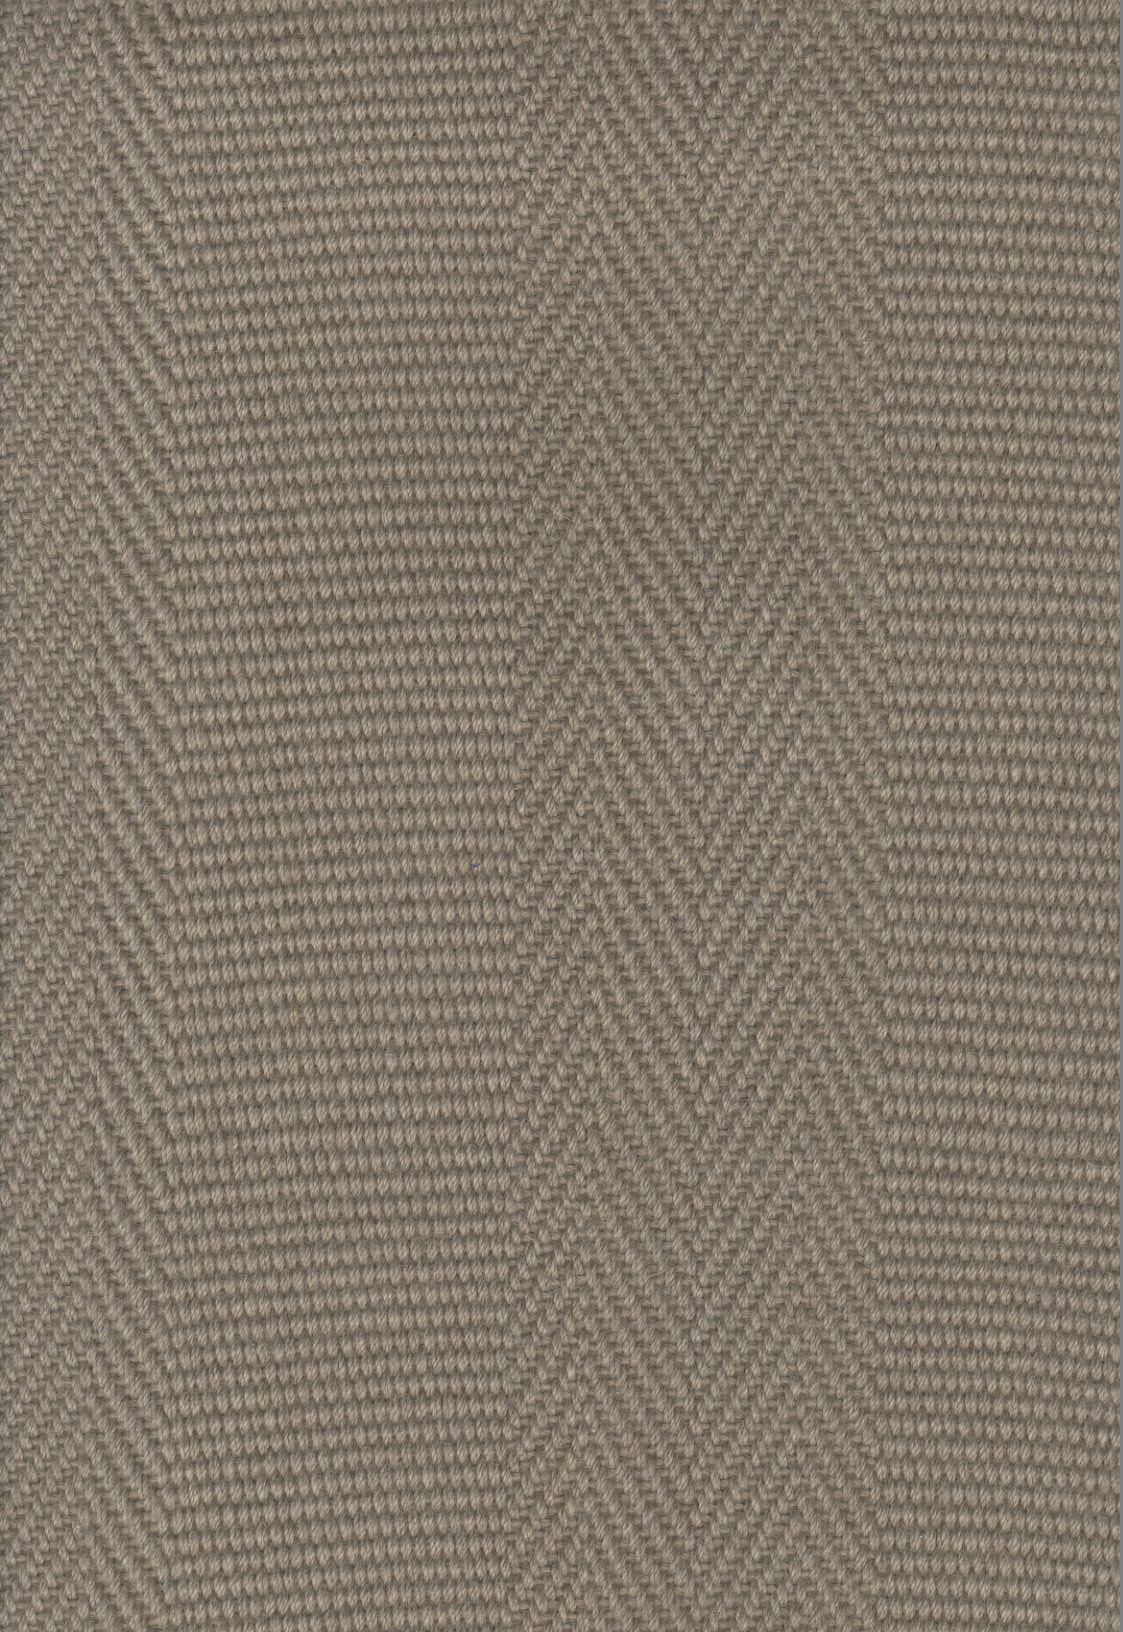 Wool Sisal Carpeting Gallery Clarence Pewter 100 Wool